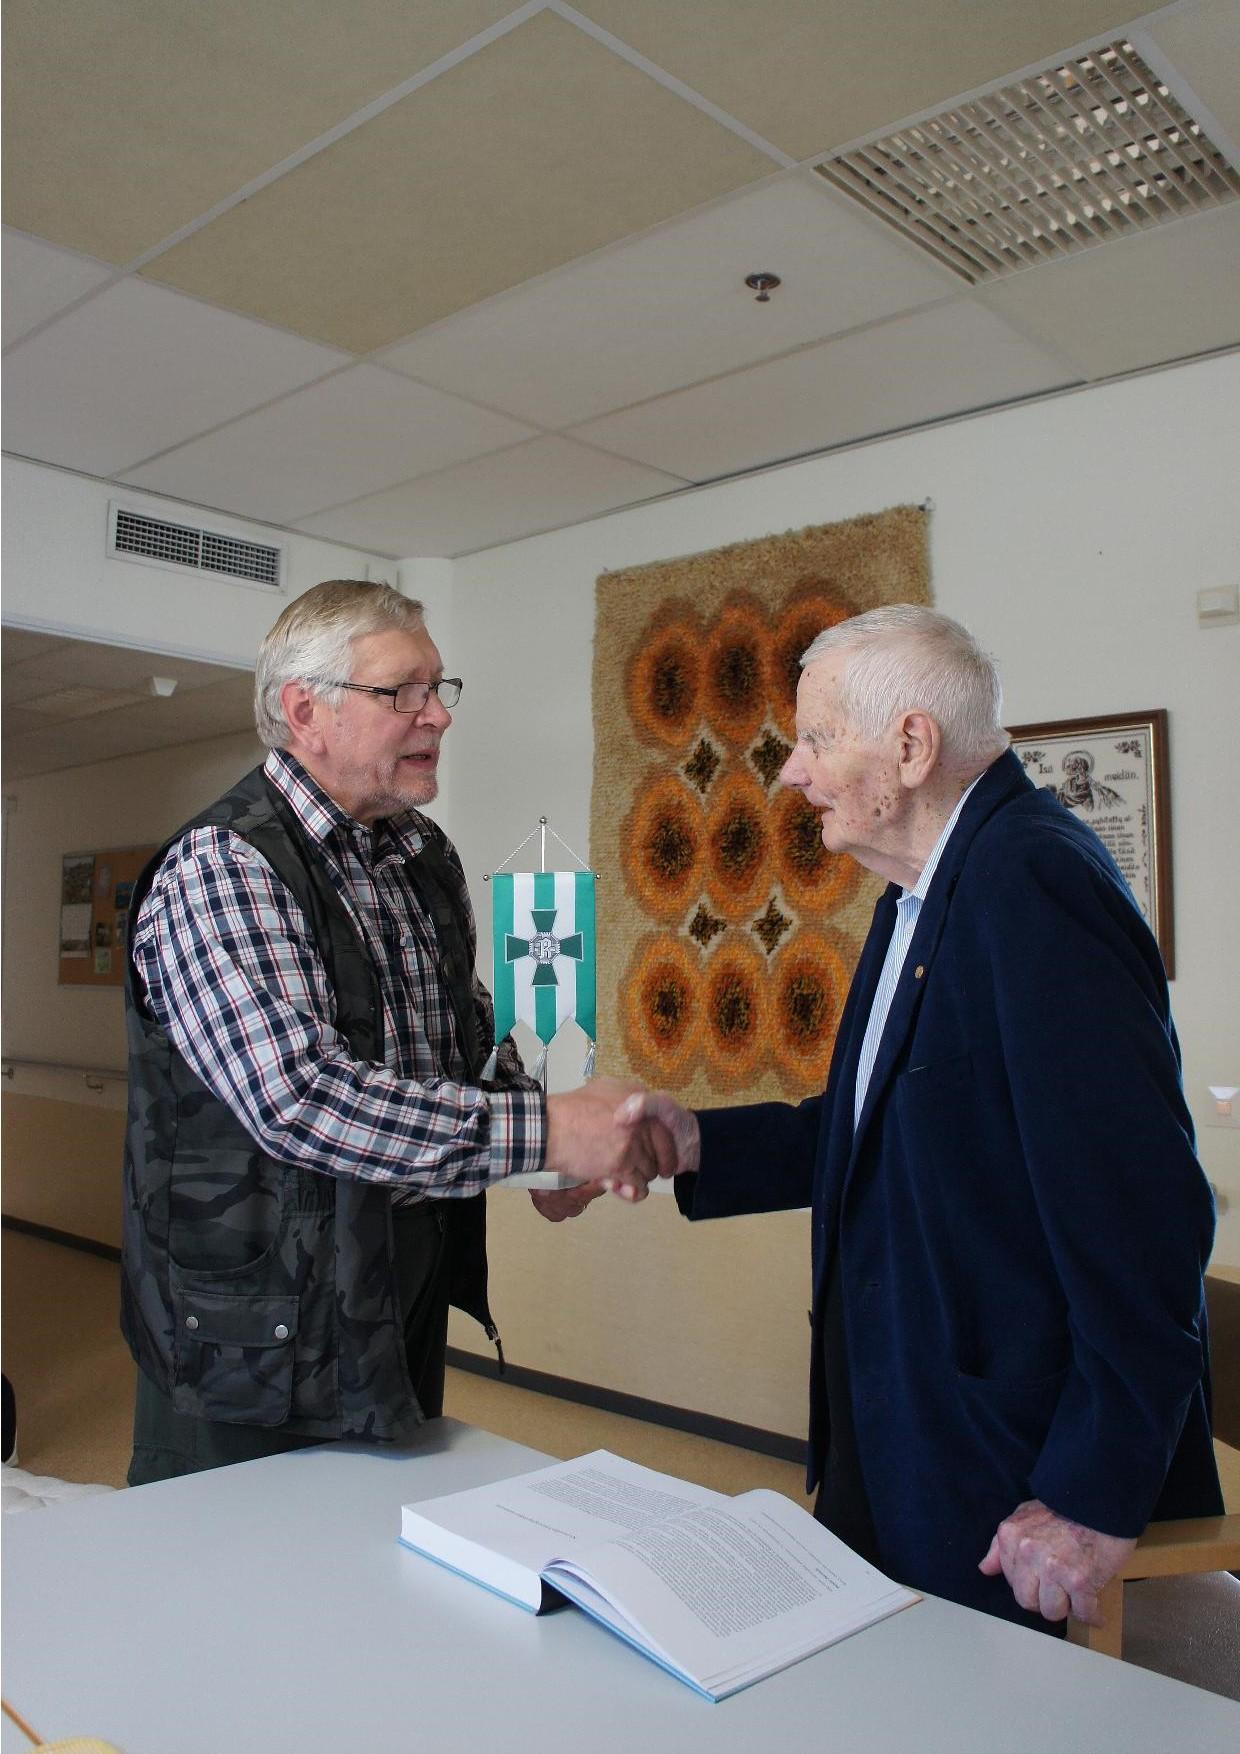 Rukajärven suunnan historiayhdistys luovutti 16.9.2014 veteraani Pentti Perttulille teoksen Raappanan Nyrkki ja yhdistyksen standaarin.